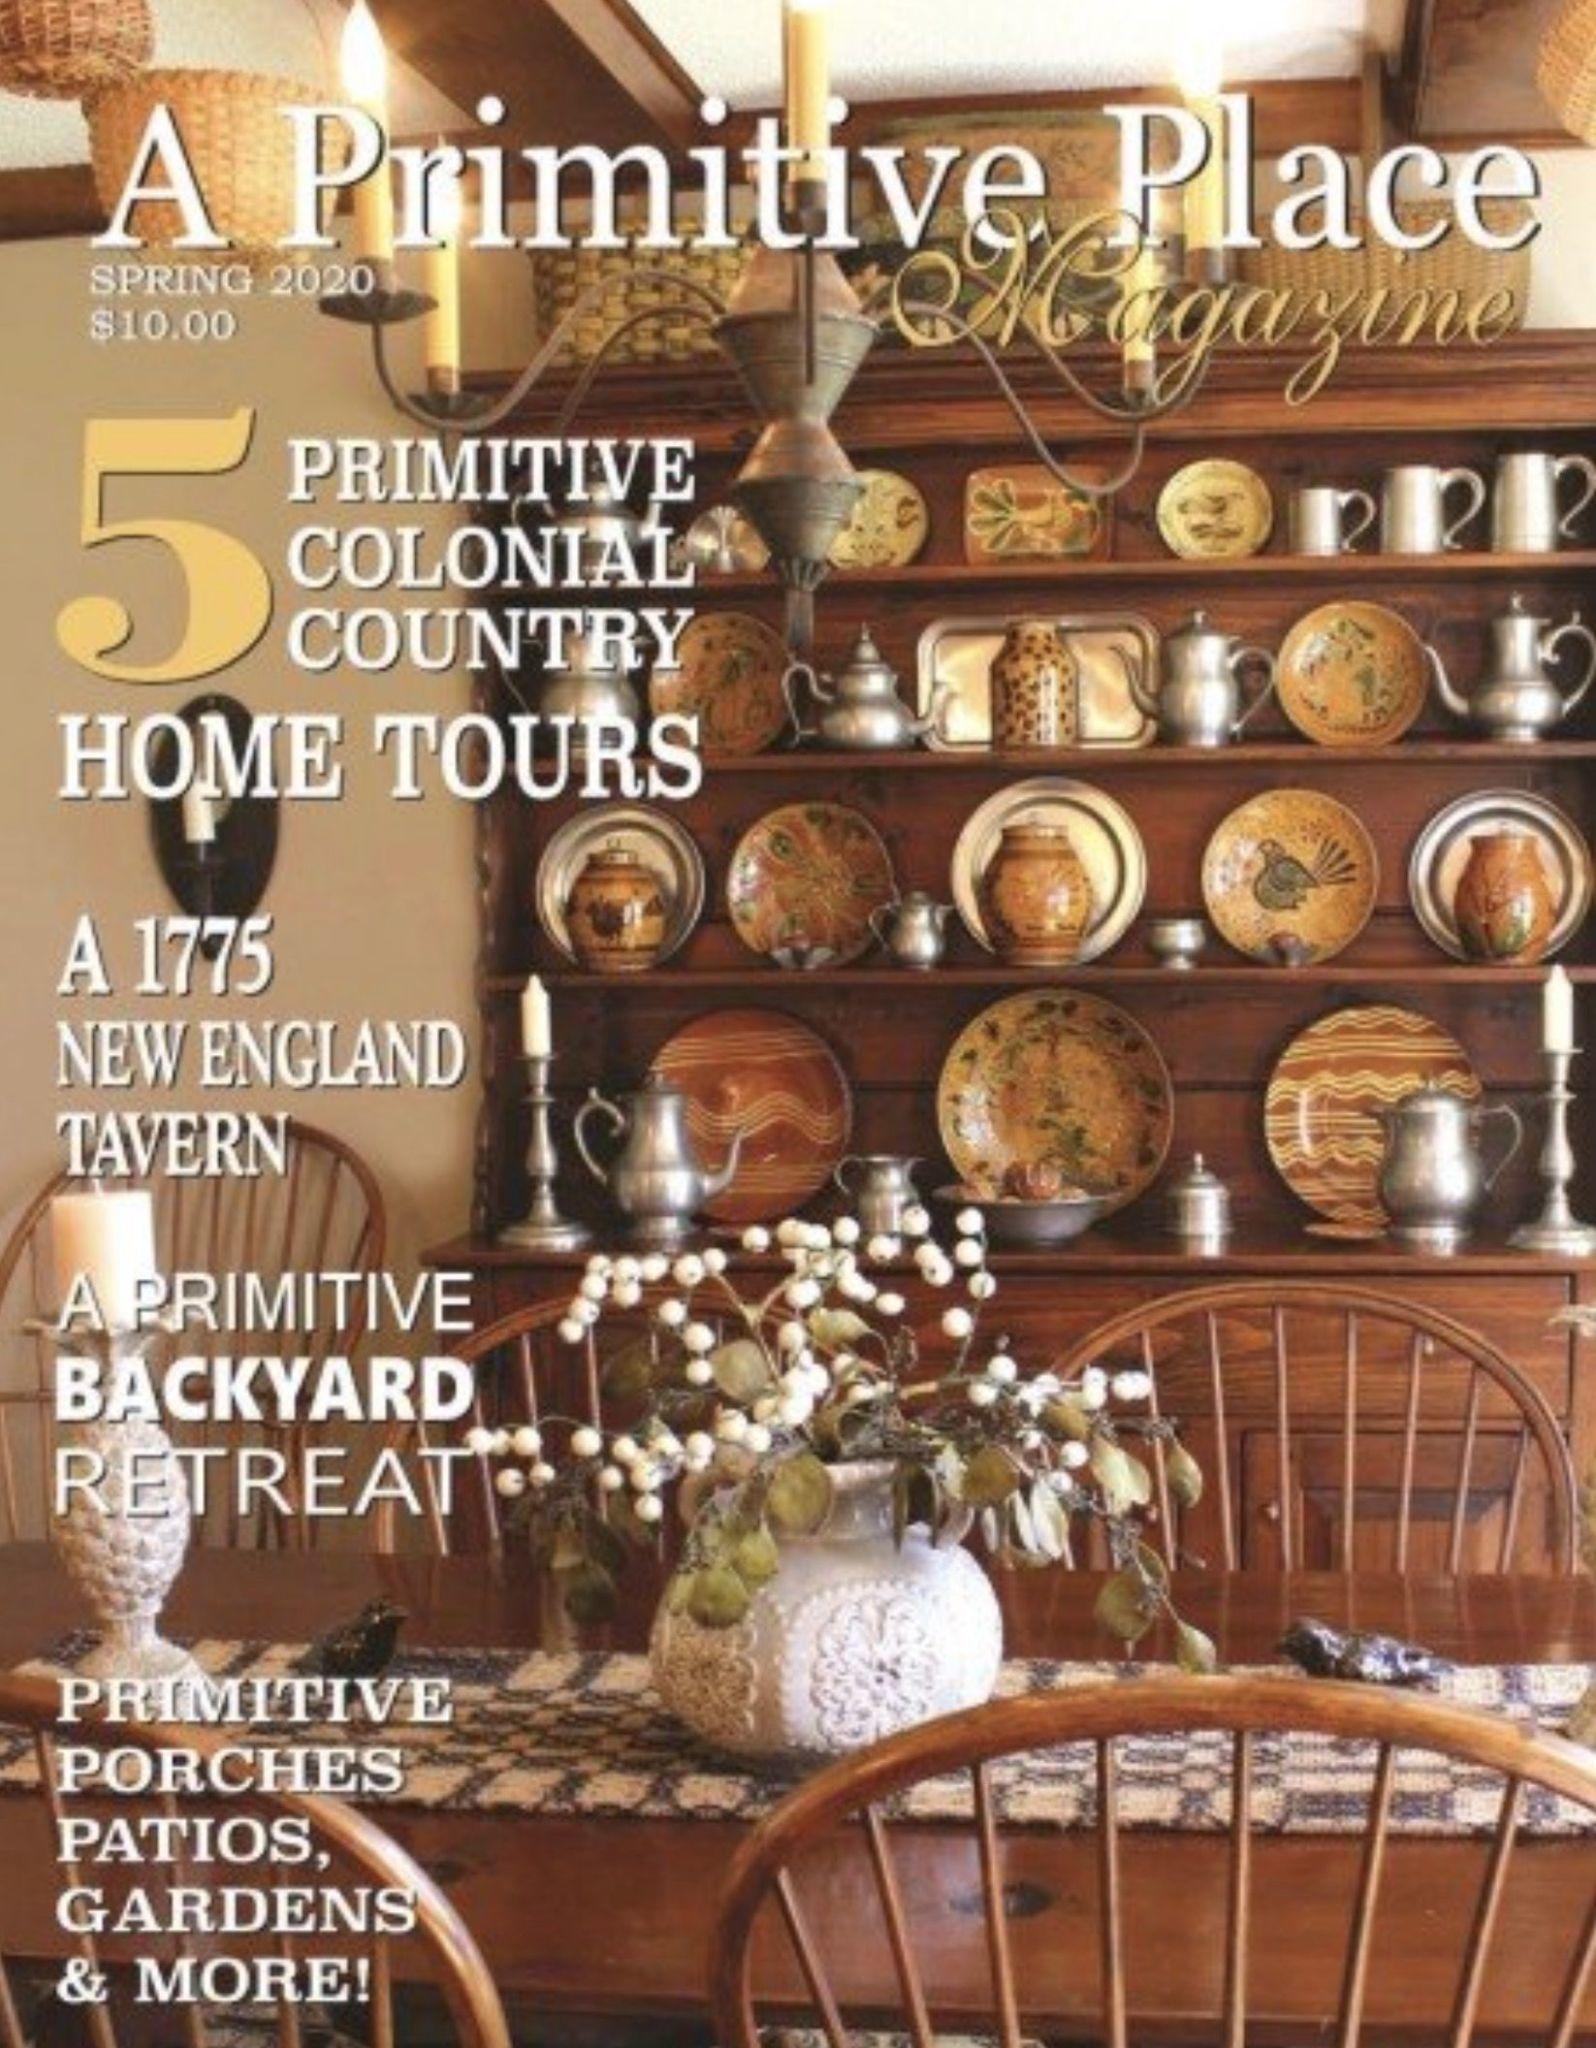 A Primitive Place A Primitive Place Magazine Spring 2020